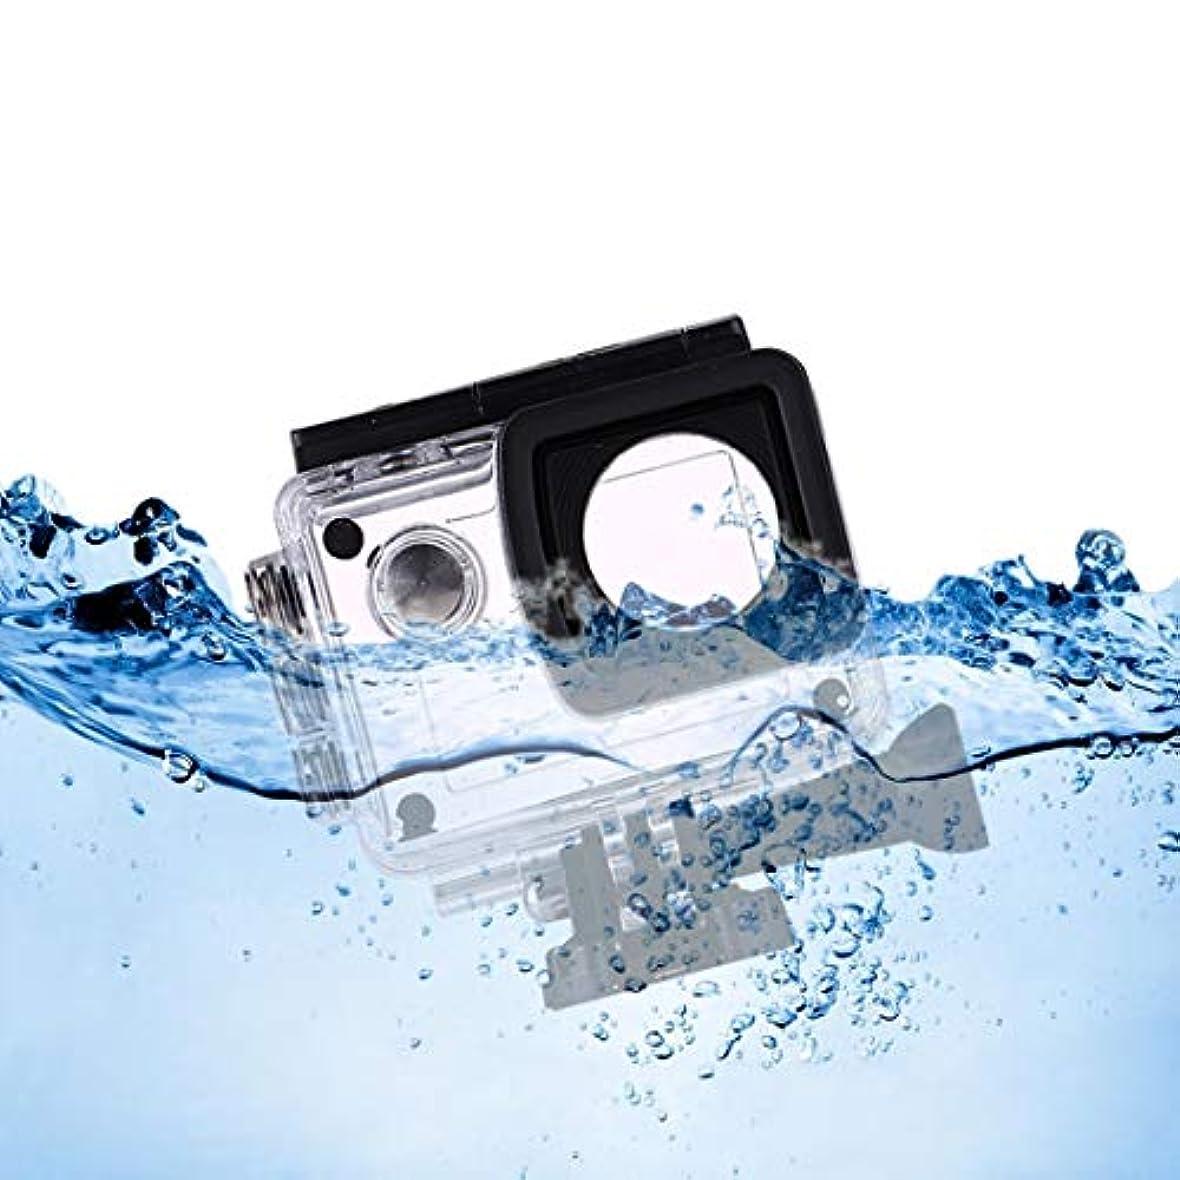 排除してはいけませんあざYWH カメラアクセサリー SJ5000 / SJ5000プラス/ SJ5000 WiFiスポーツカメラのレンズキャップ付き防水ハウジング保護ケースキット